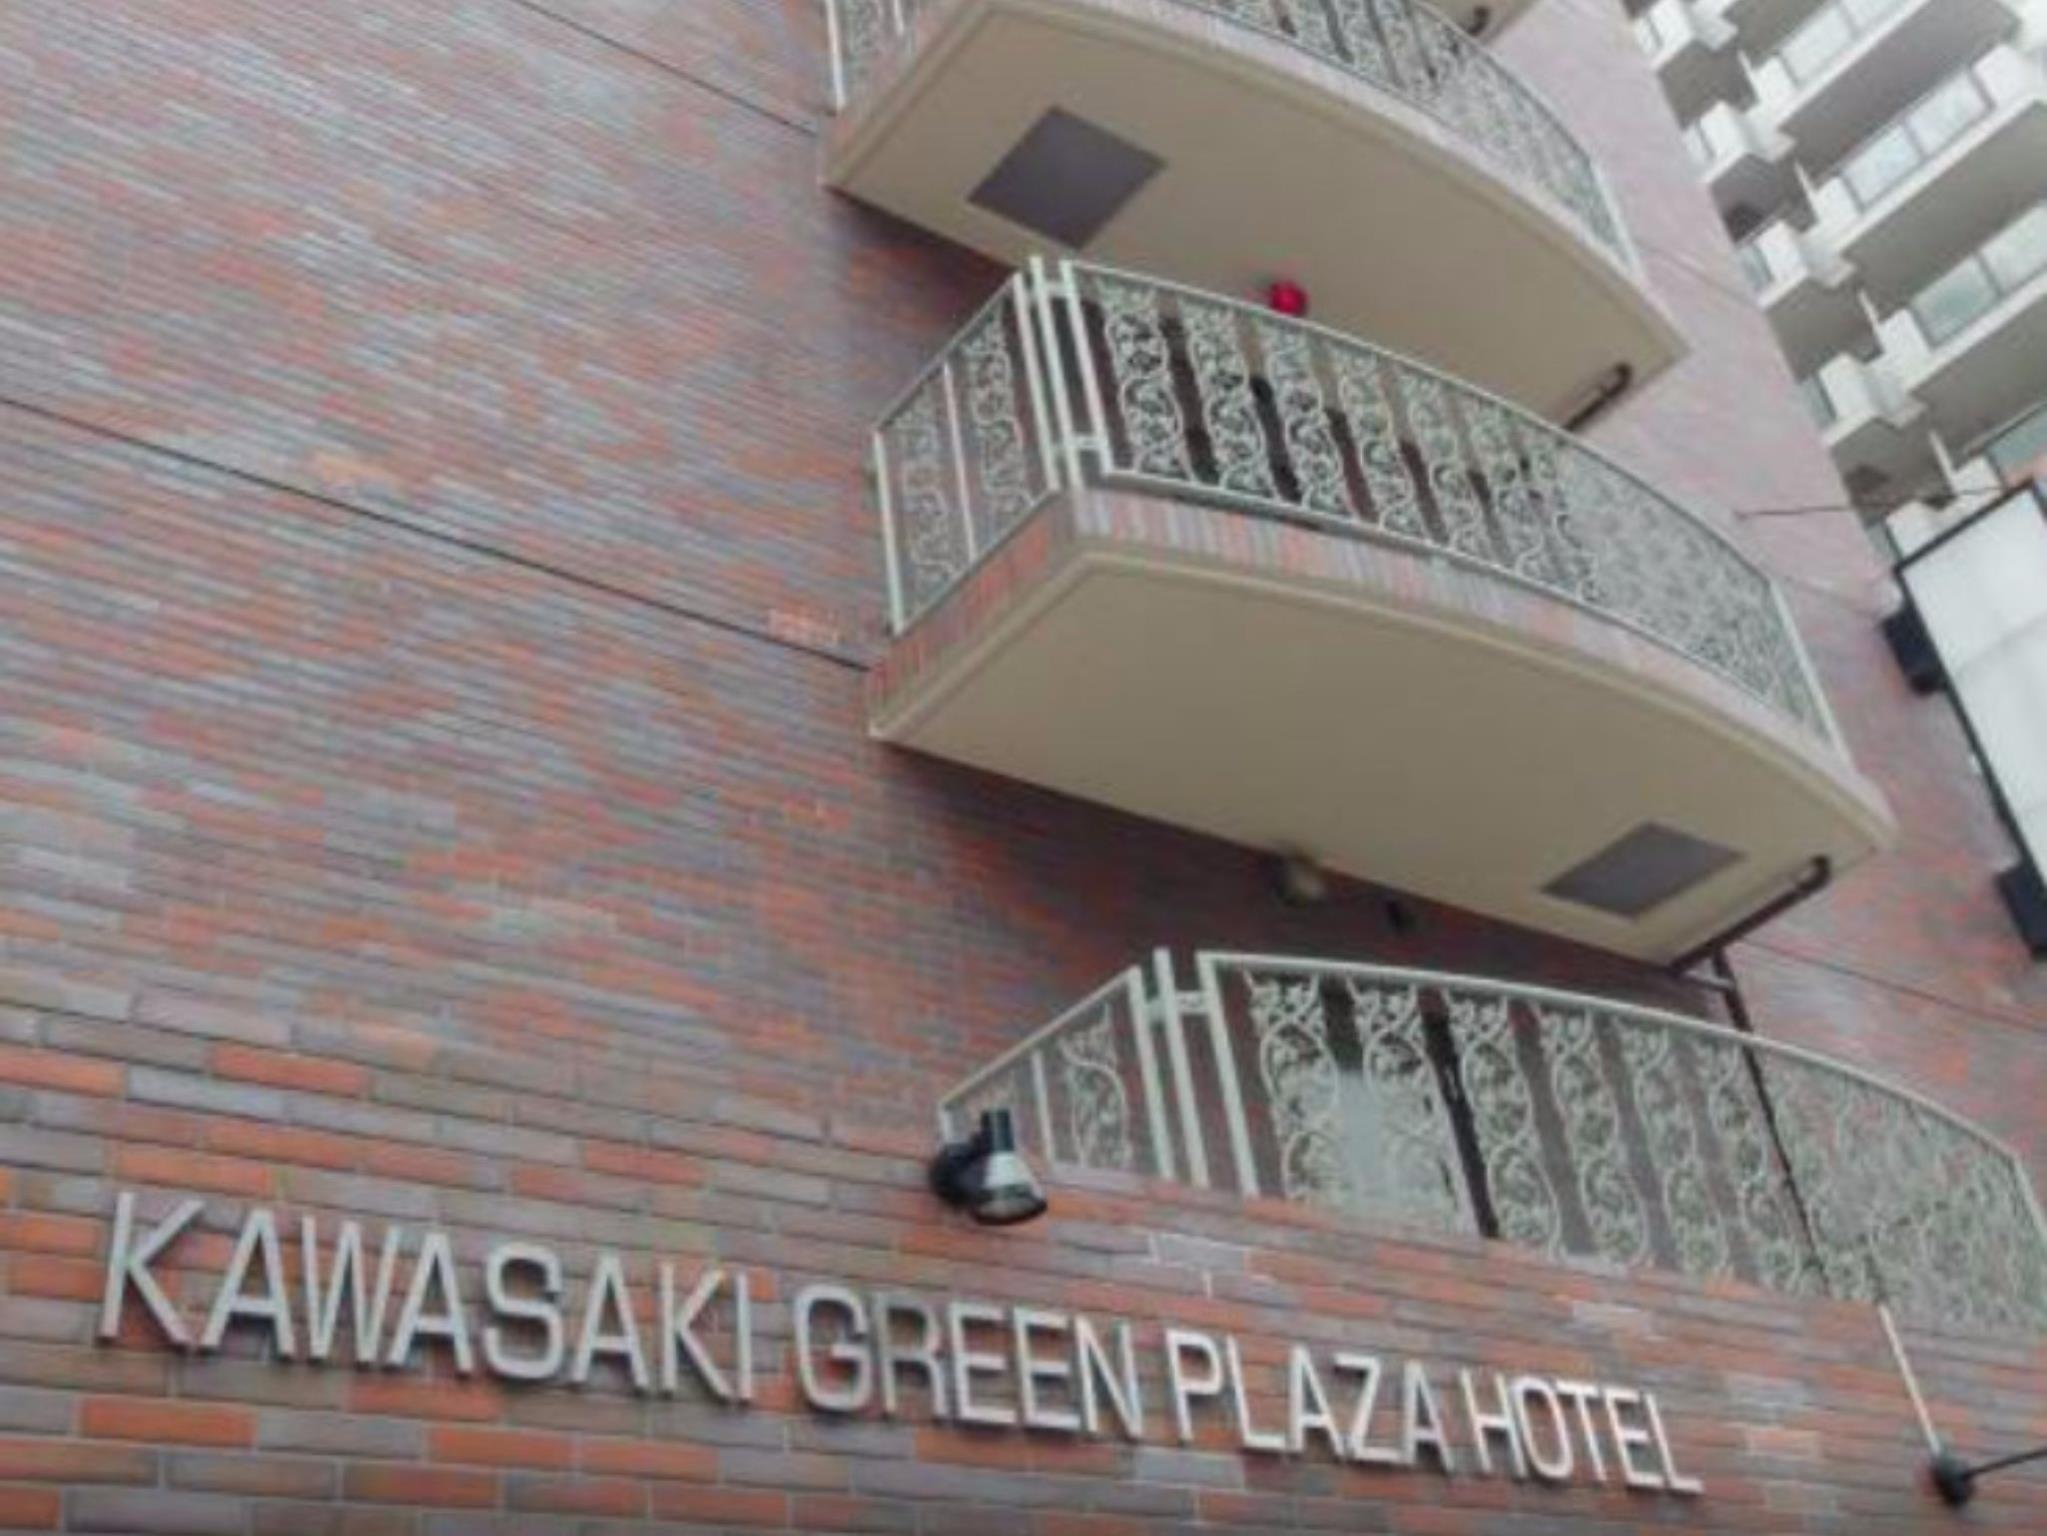 Kawasaki Green Plaza Hotel, Kawasaki